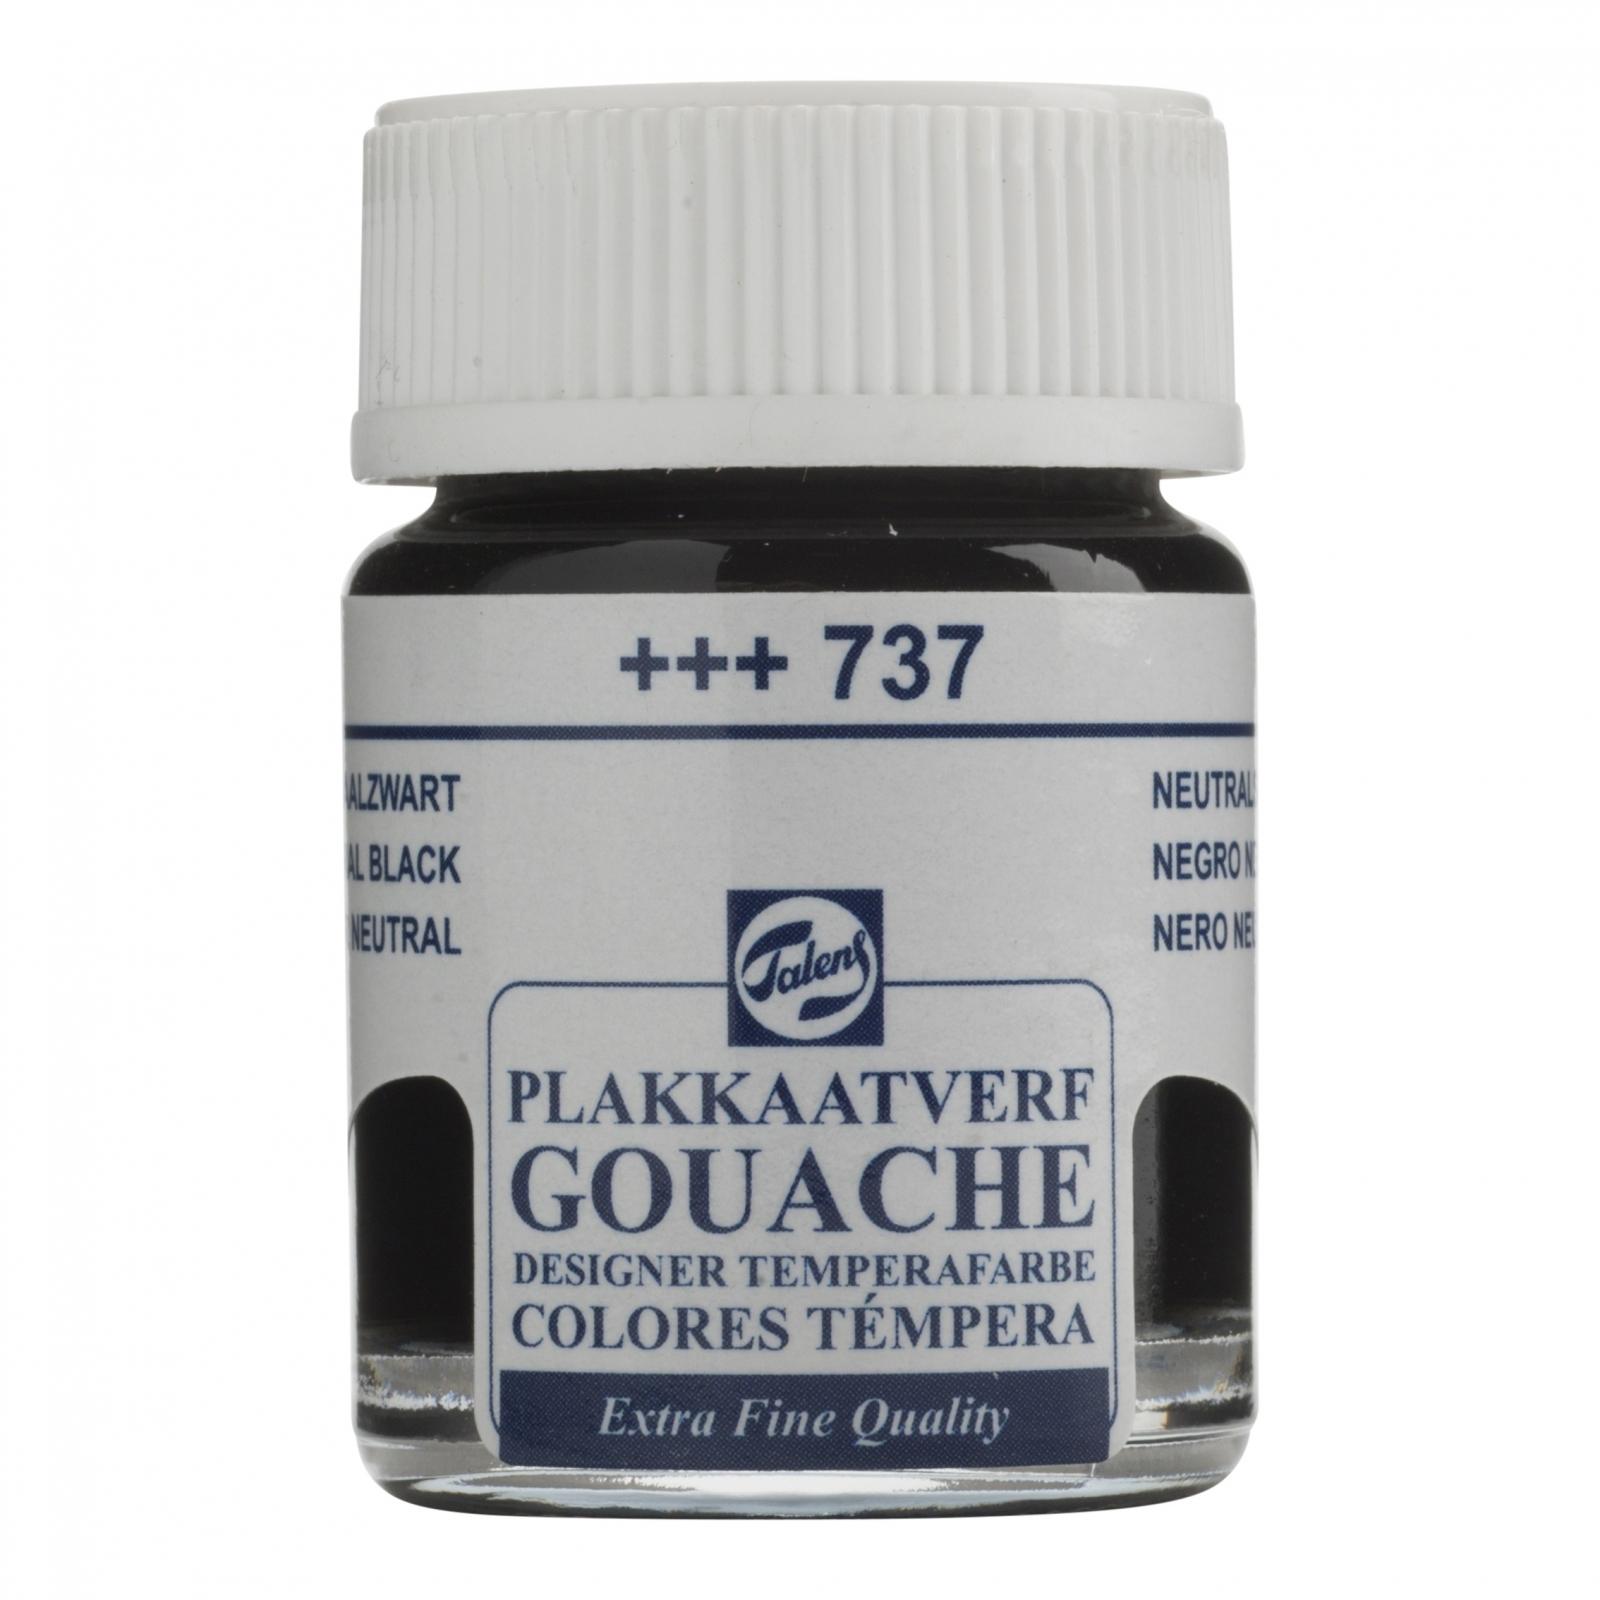 GOUACHE T NEUTRAL BLACK (+++737) - Papelaria Botafogo